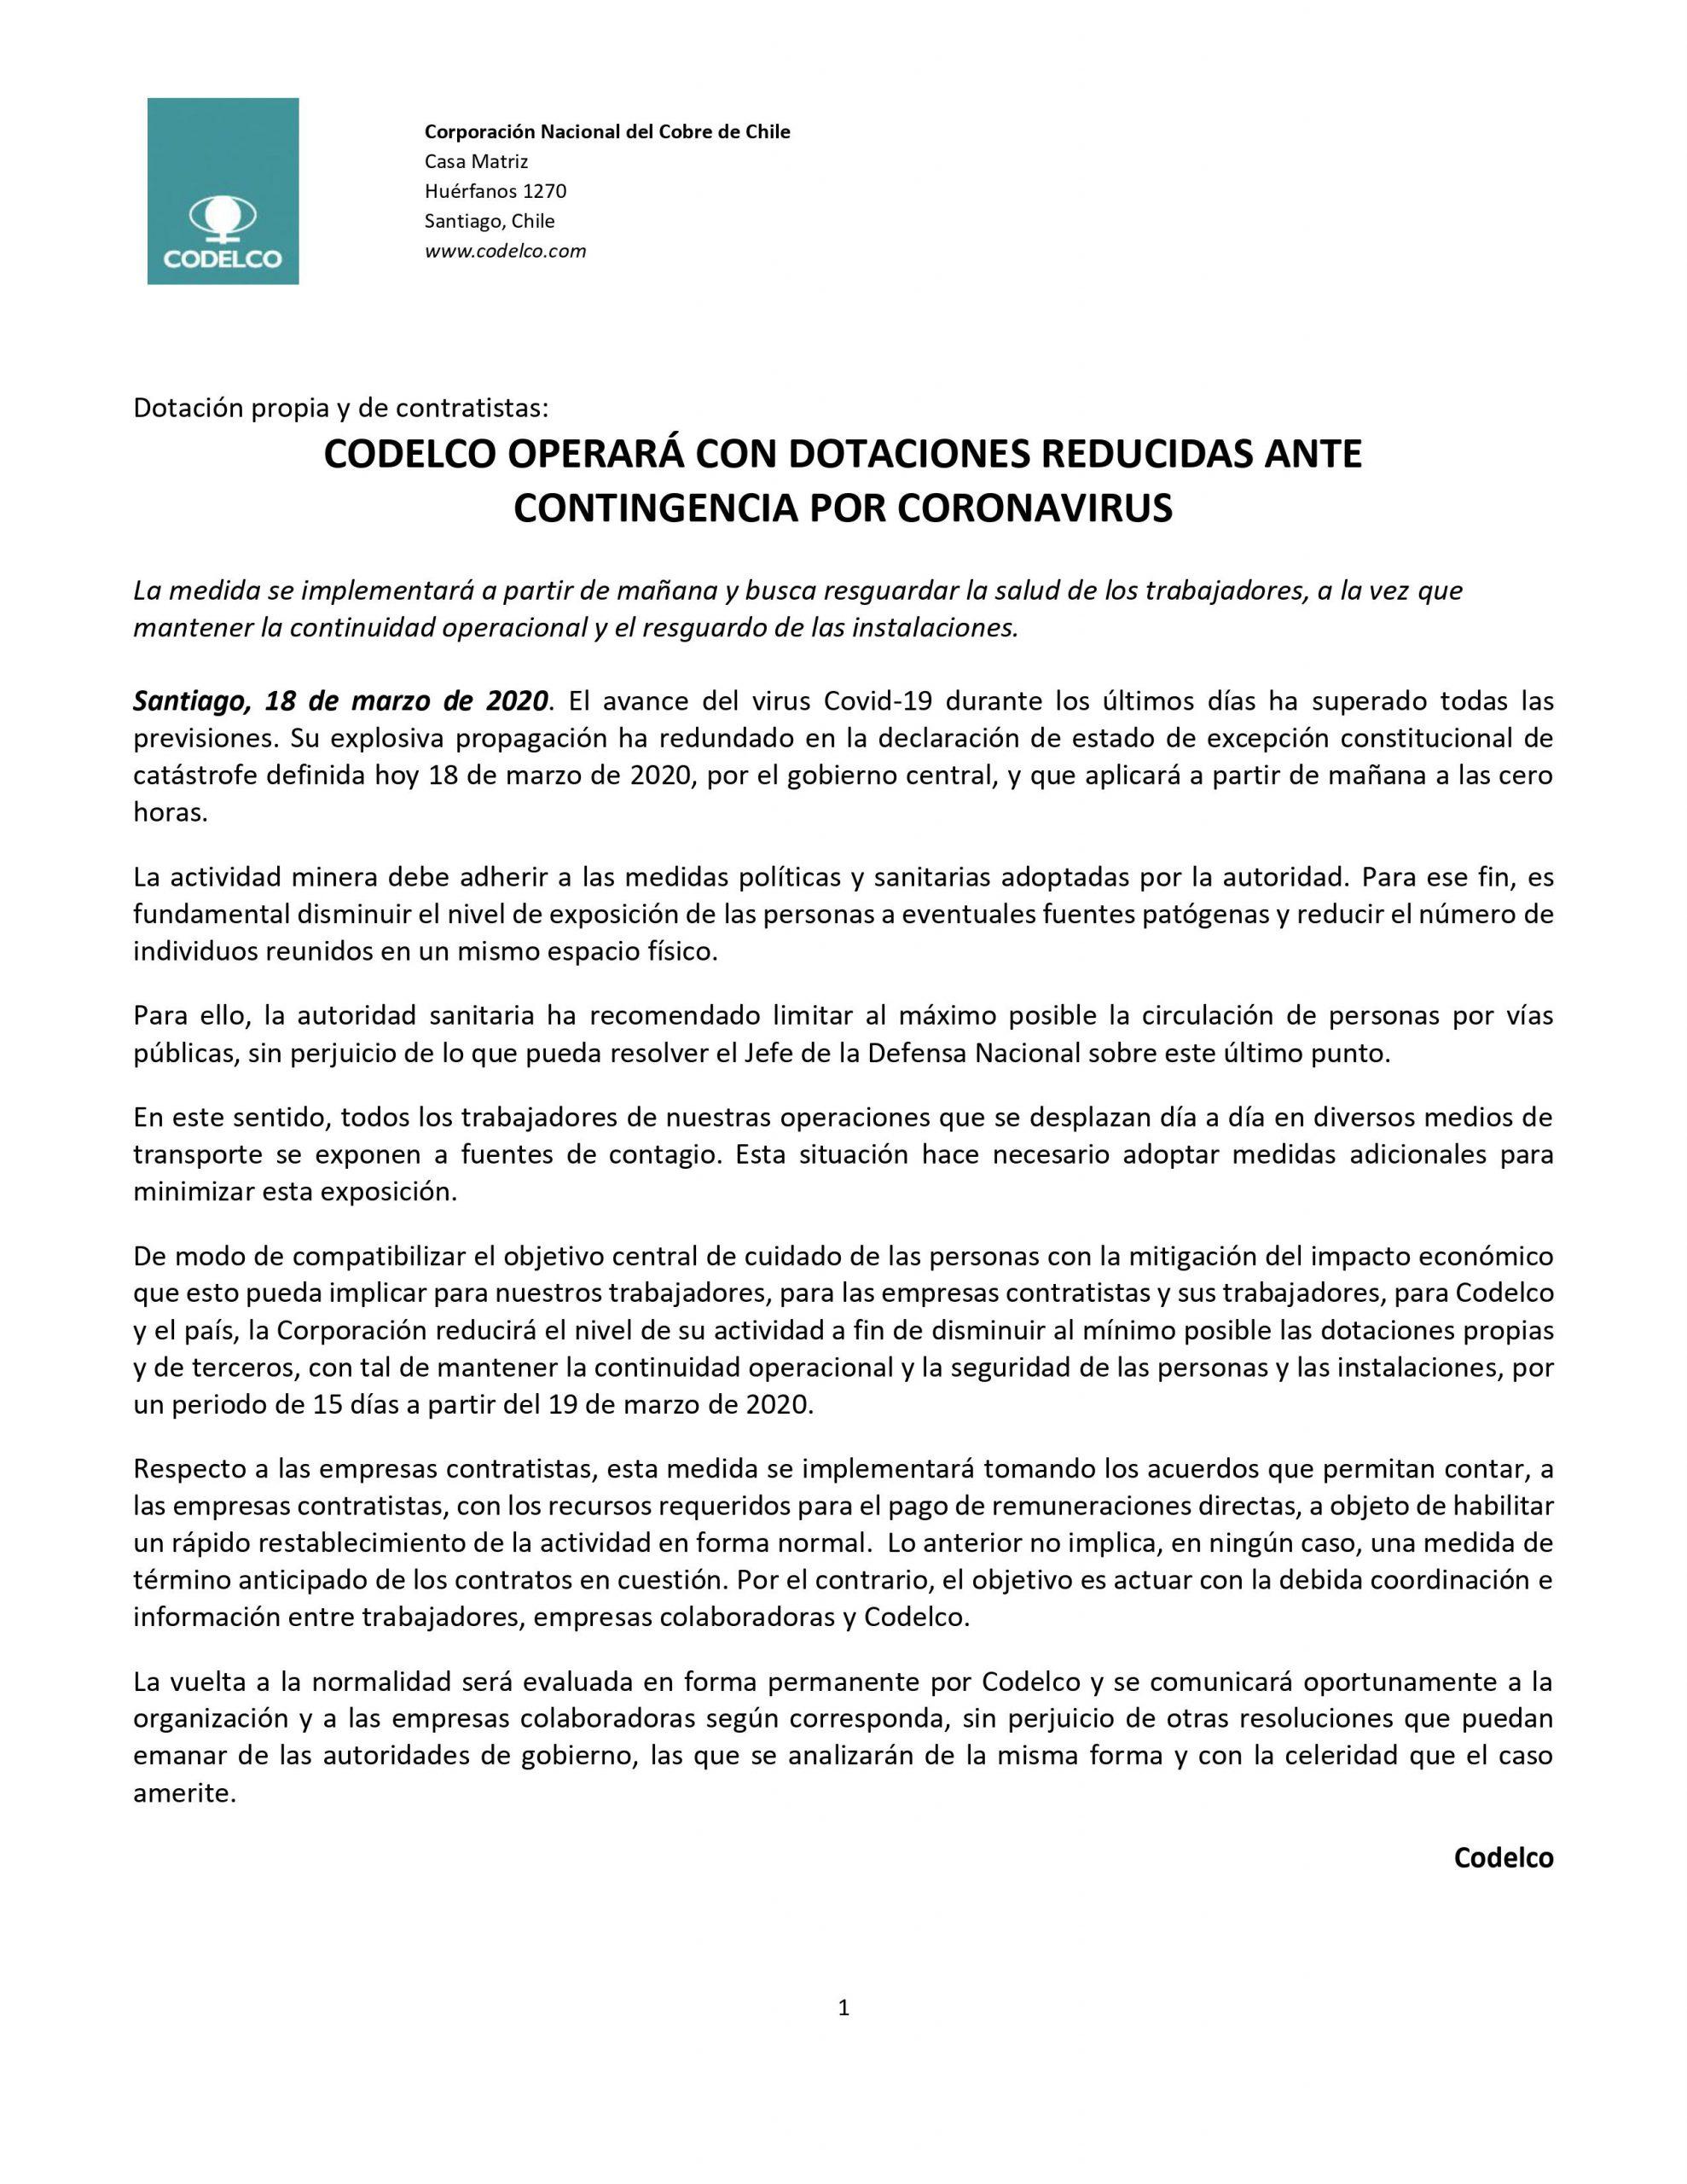 CODELCO OPERARÁ CON DOTACIONES REDUCIDAS ANTE CONTINGENCIA POR CORONAVIRUS